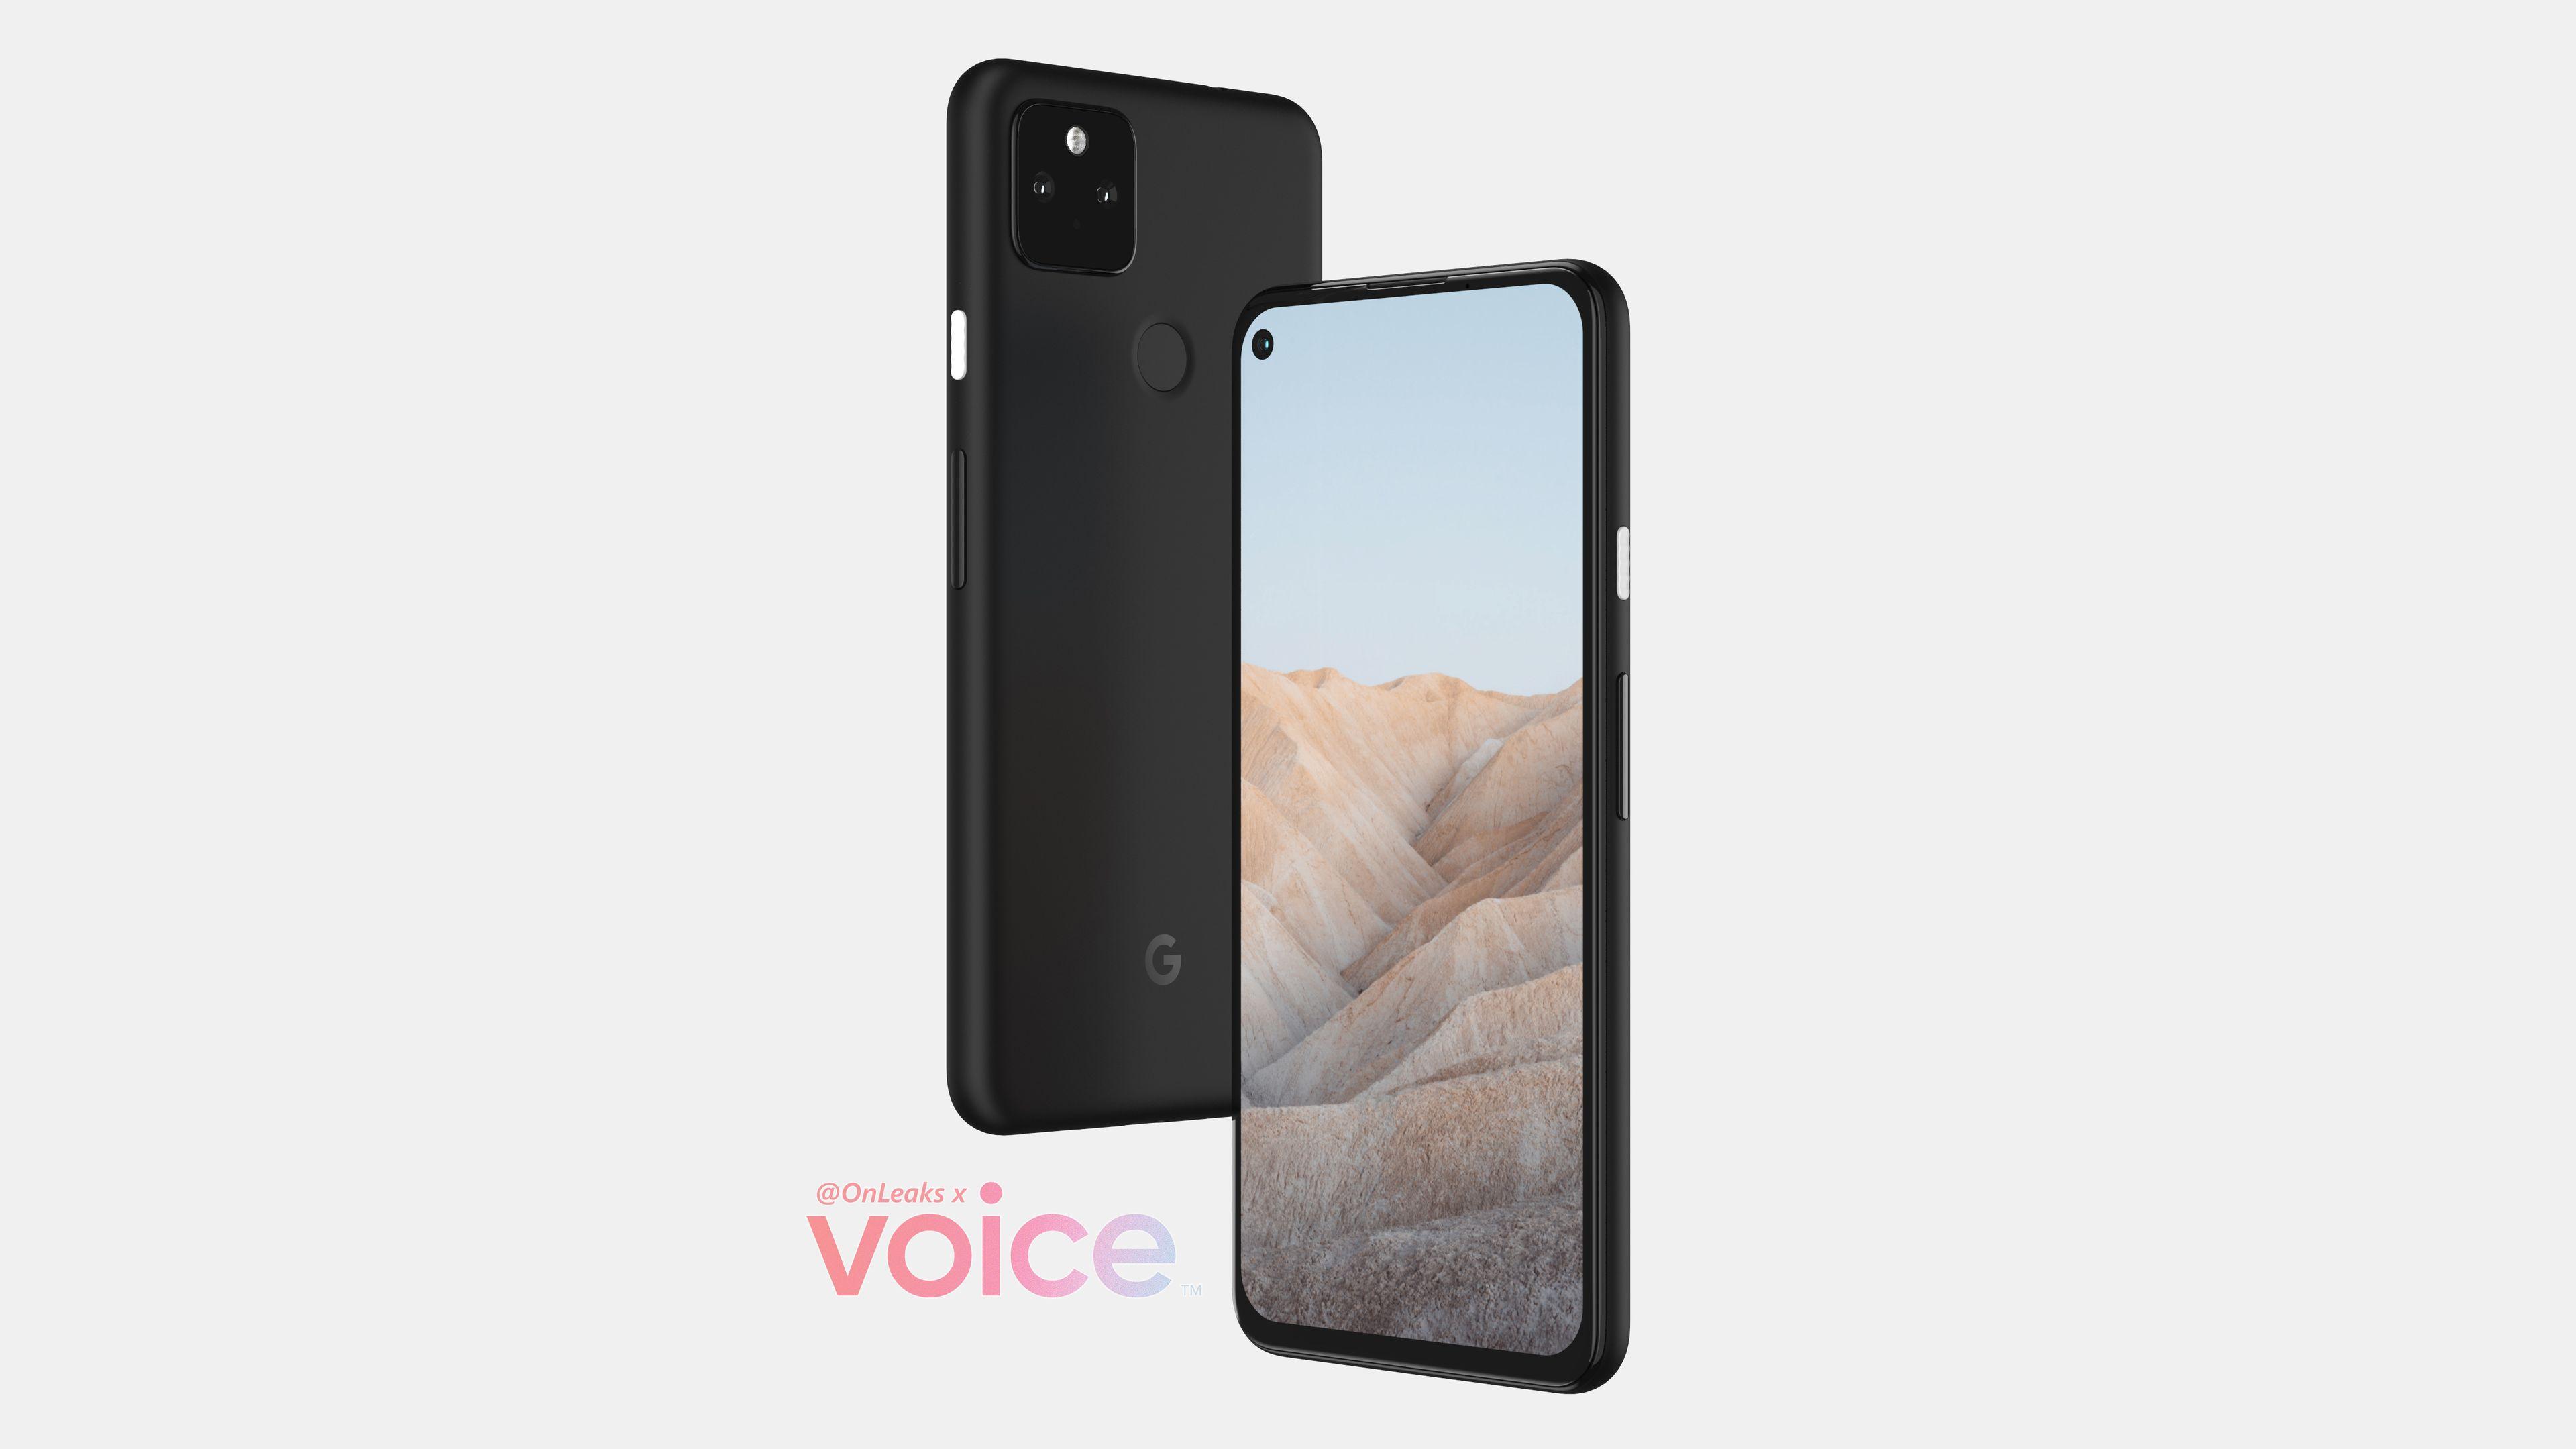 Google подтвердила, что работает над бюджетным смартфоном Pixel 5a, но ждать новинку в ближайшее время не стоит